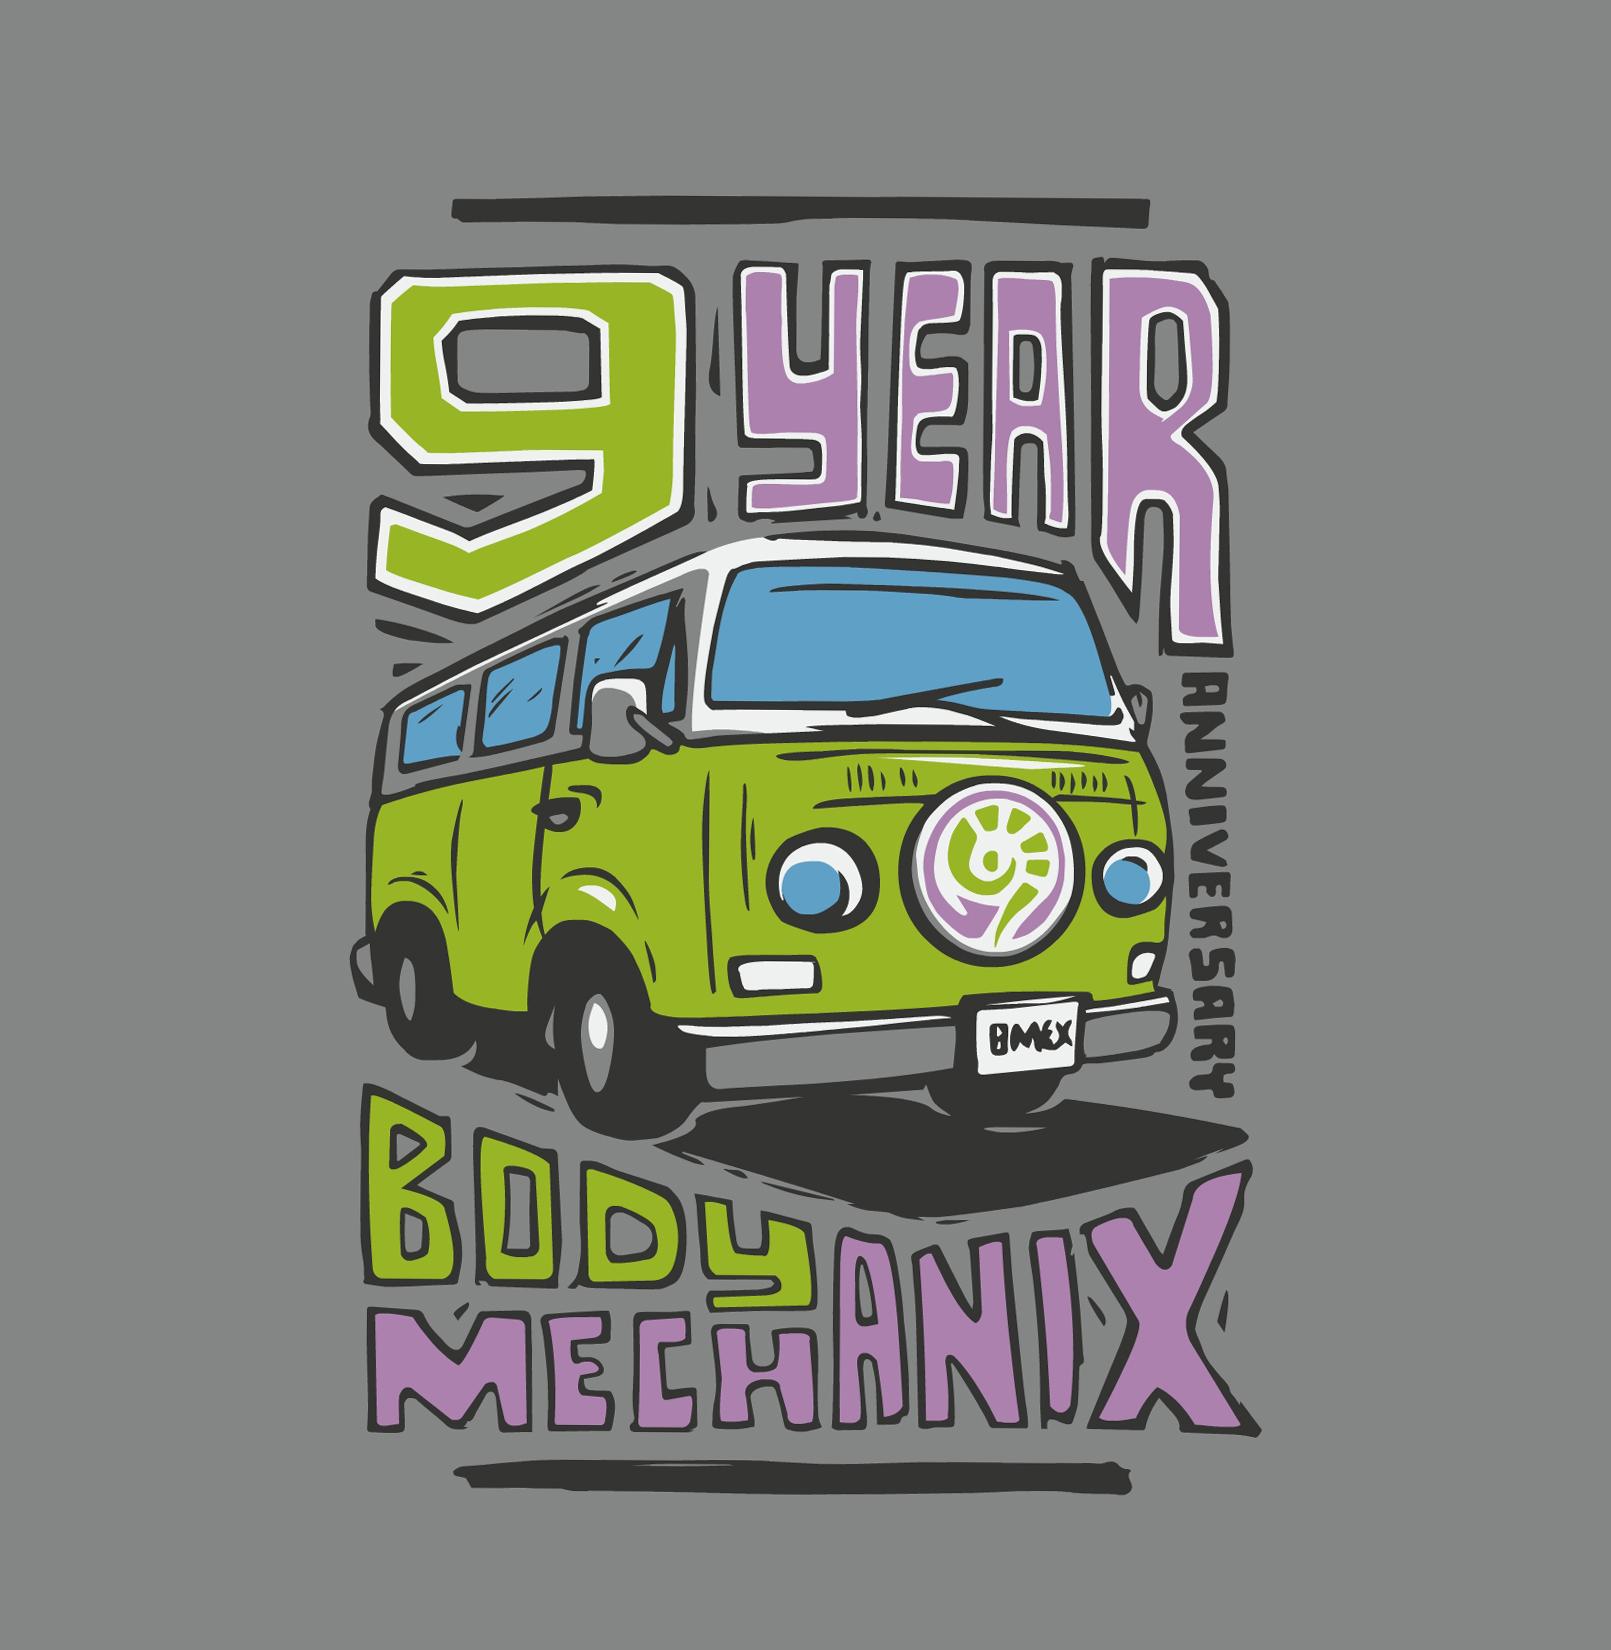 Body Mechanix - T-shirt Design